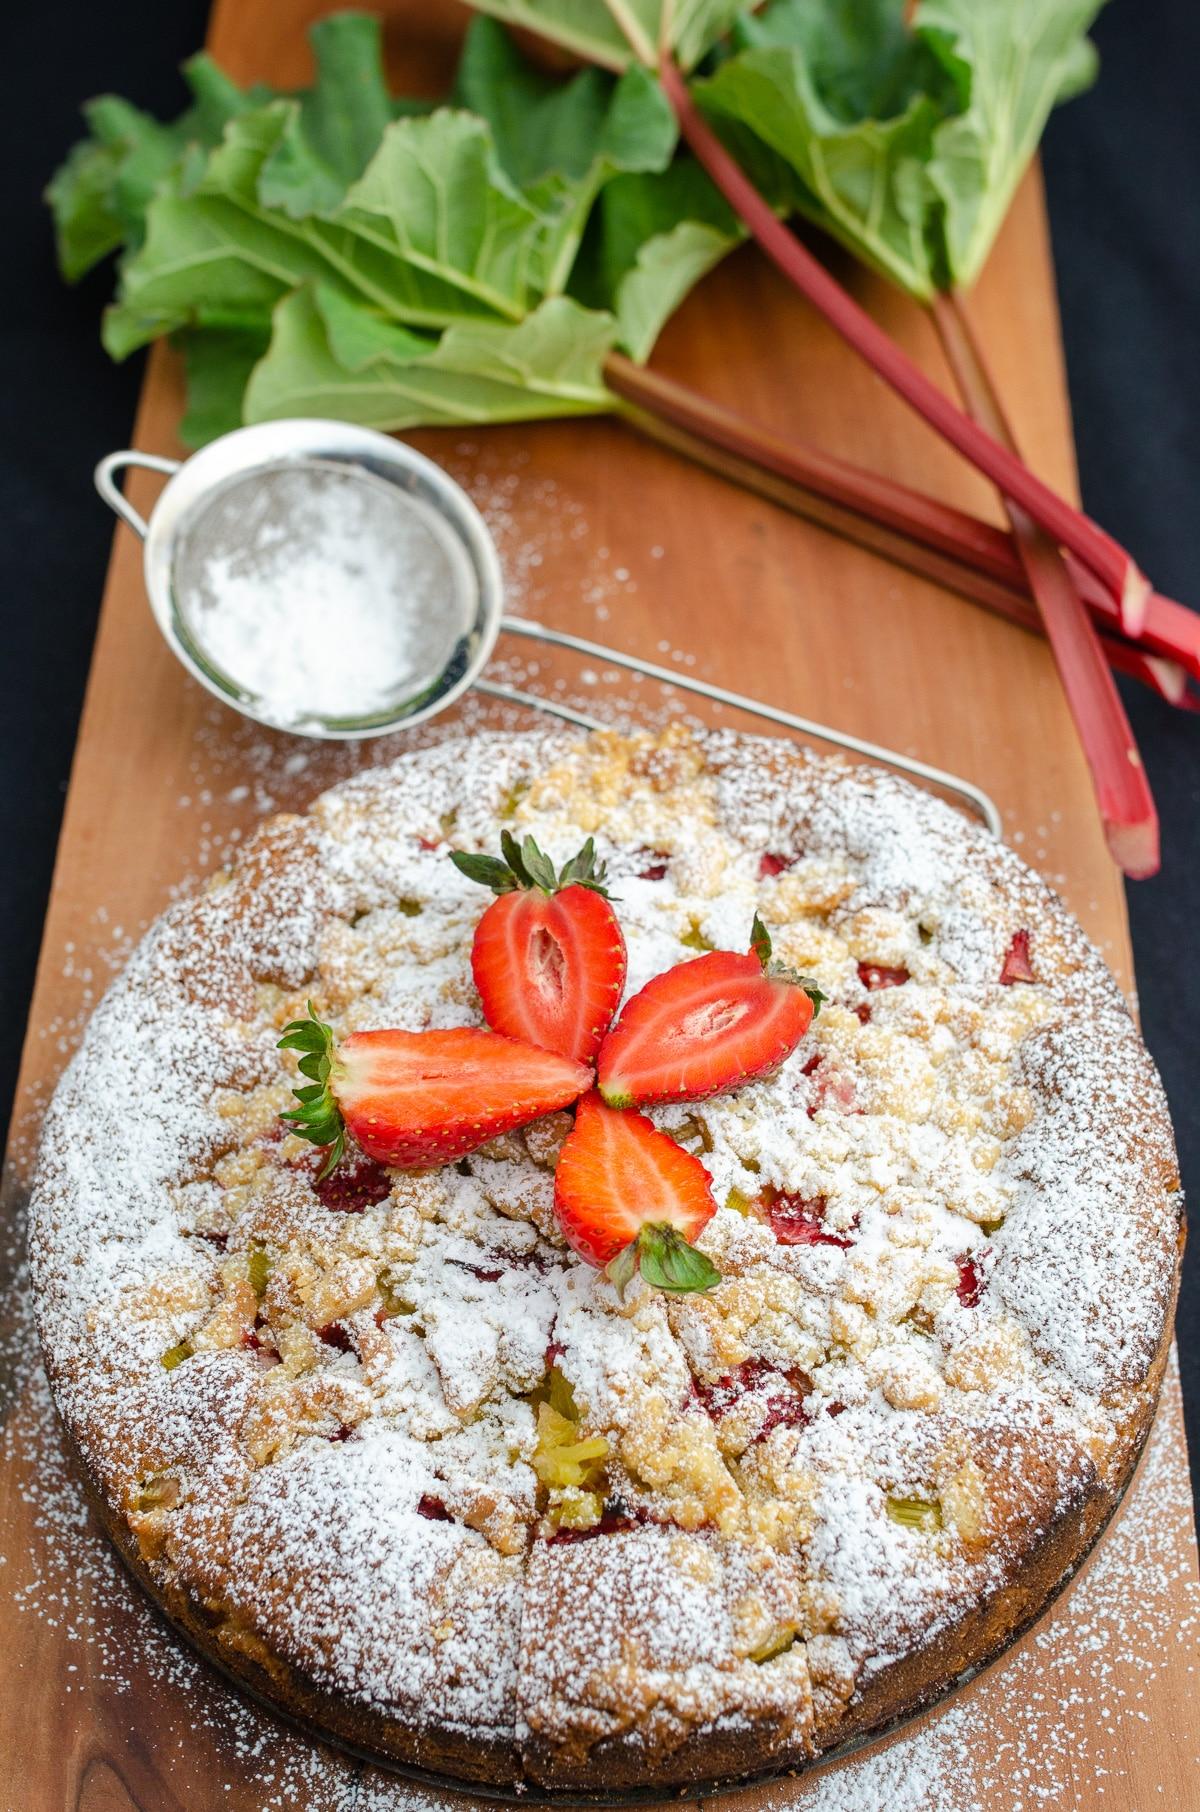 Ciasto posypane cukrem pudrem udekorowane truskawkami w tle rabarbar z listkami